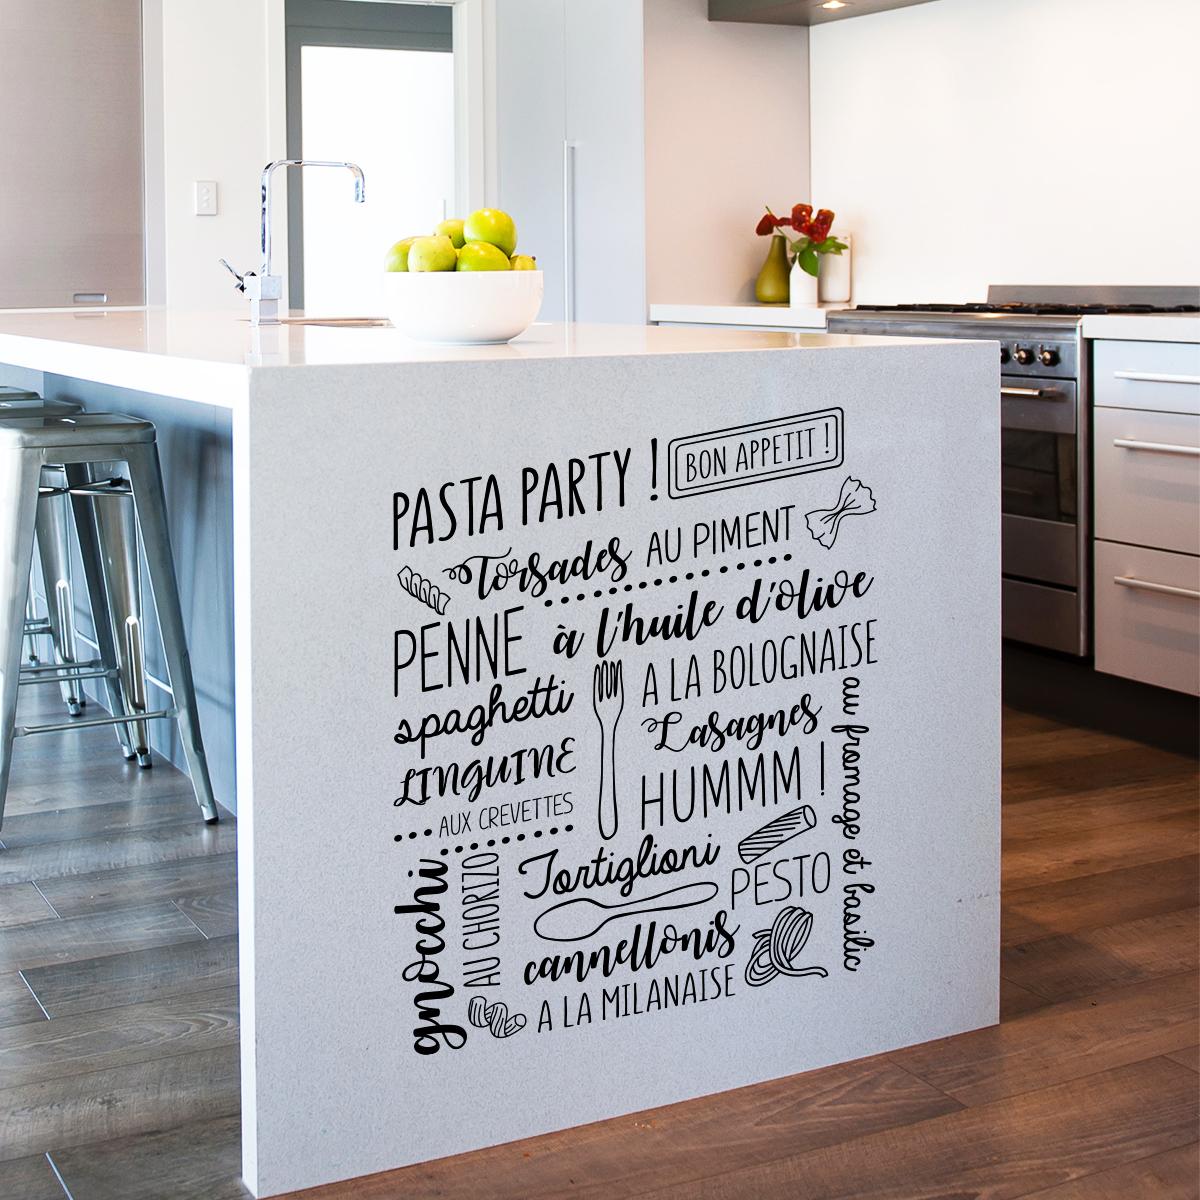 Casser Un Bar De Cuisine https://www.ambiance-sticker/en/wall-decal-bon-appetite